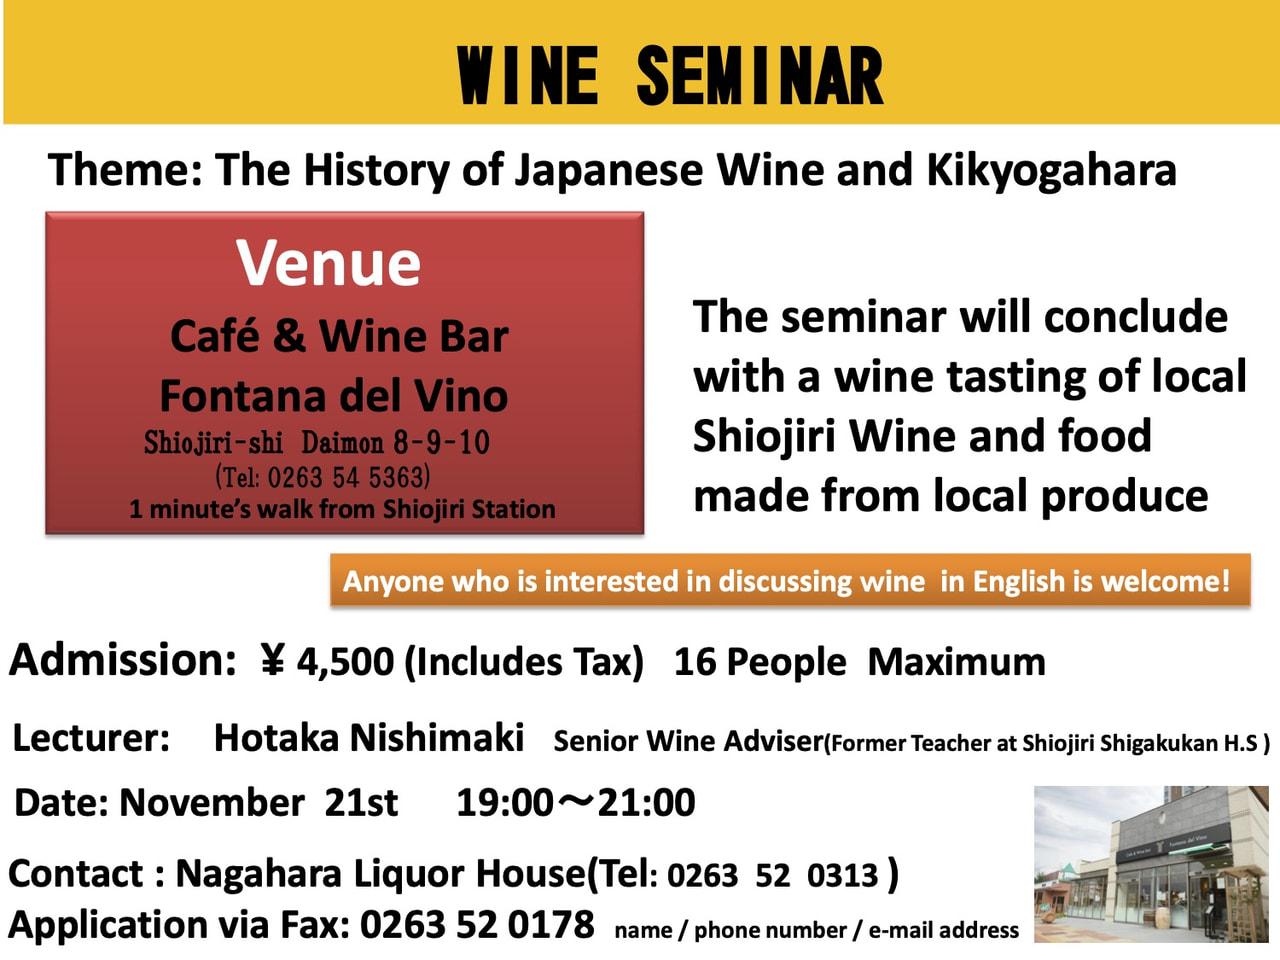 塩尻市で英語によるワインセミナーが開催されます